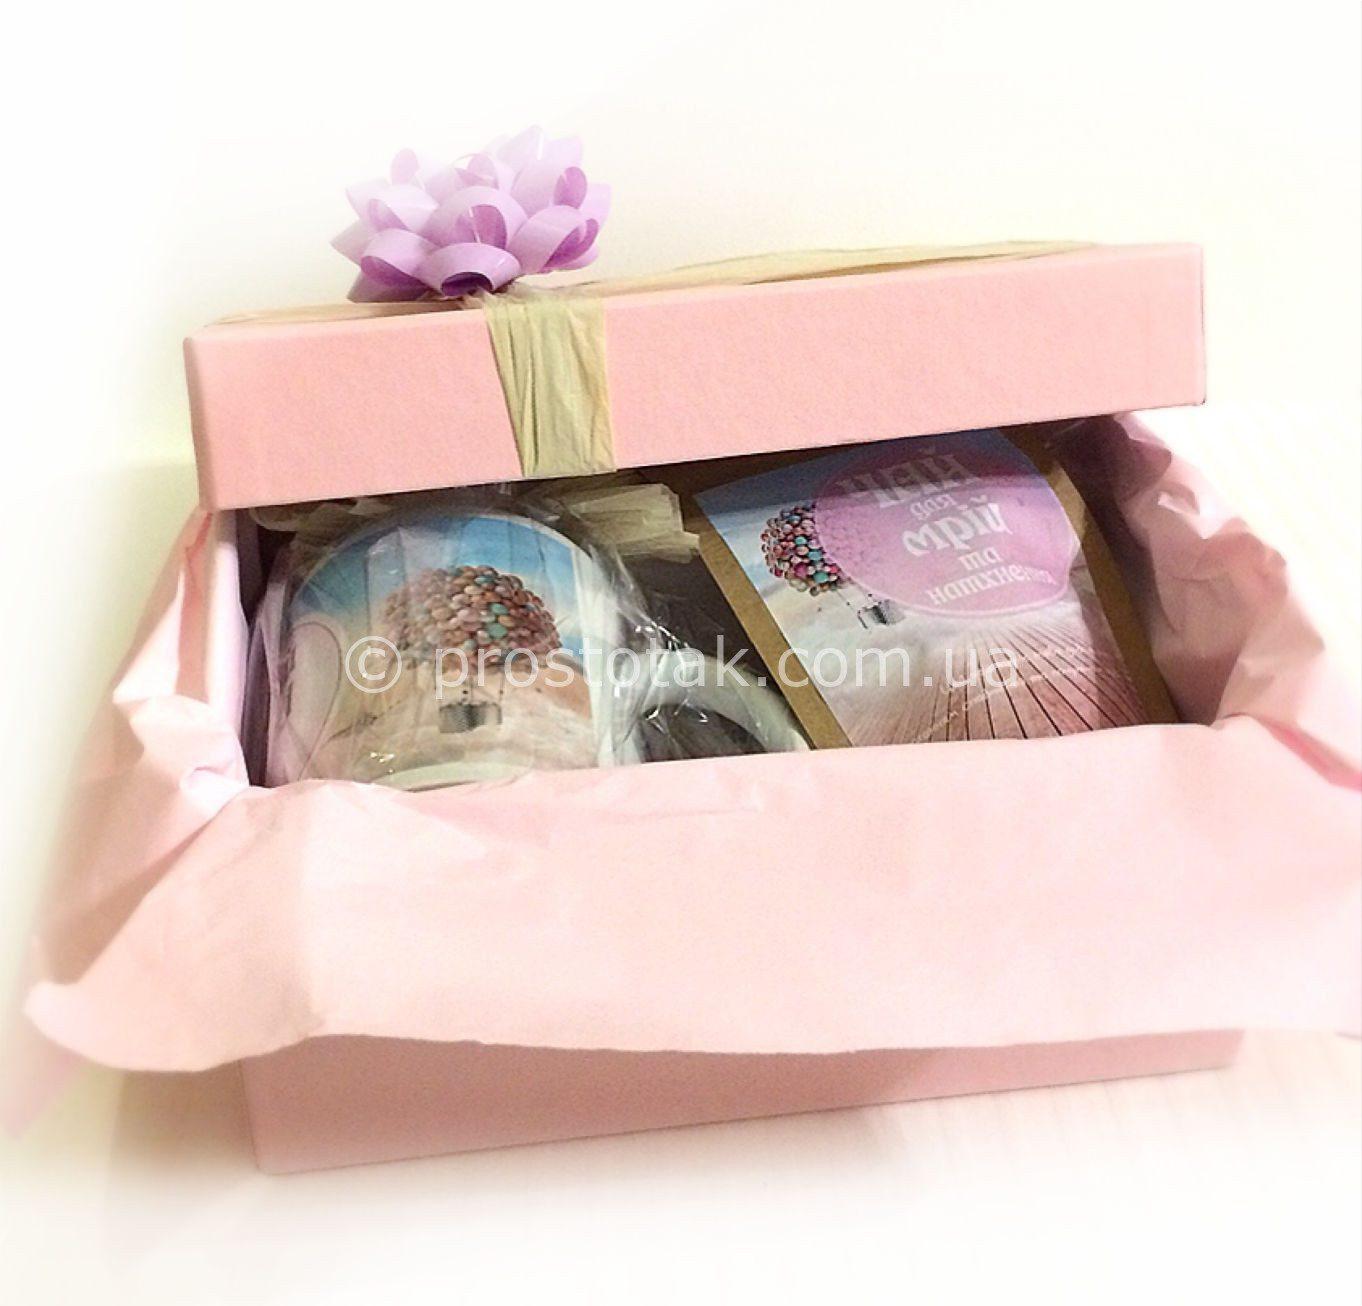 Заказать подарок девушке на День рождения